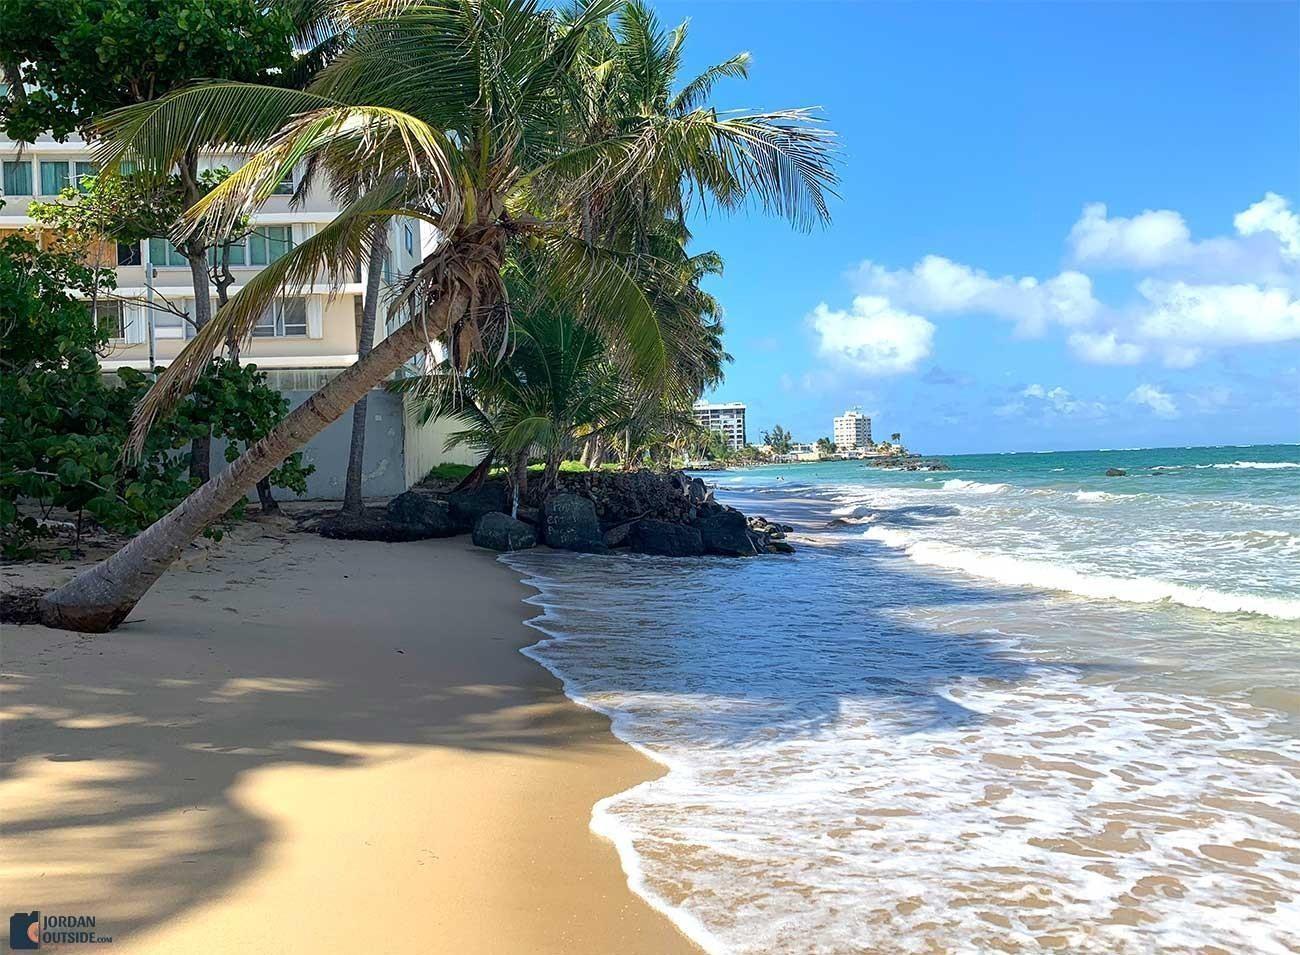 Palm trees on Hobie Beach